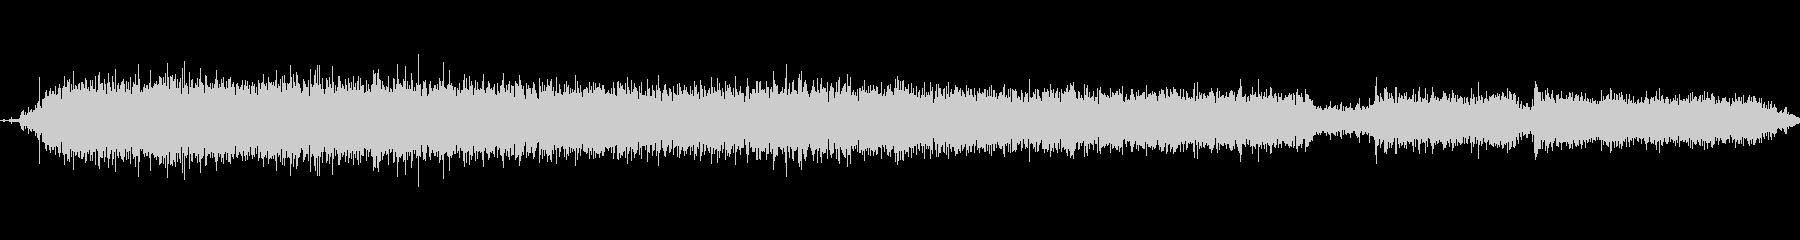 コードレスハンドドリル:スクリュー...の未再生の波形